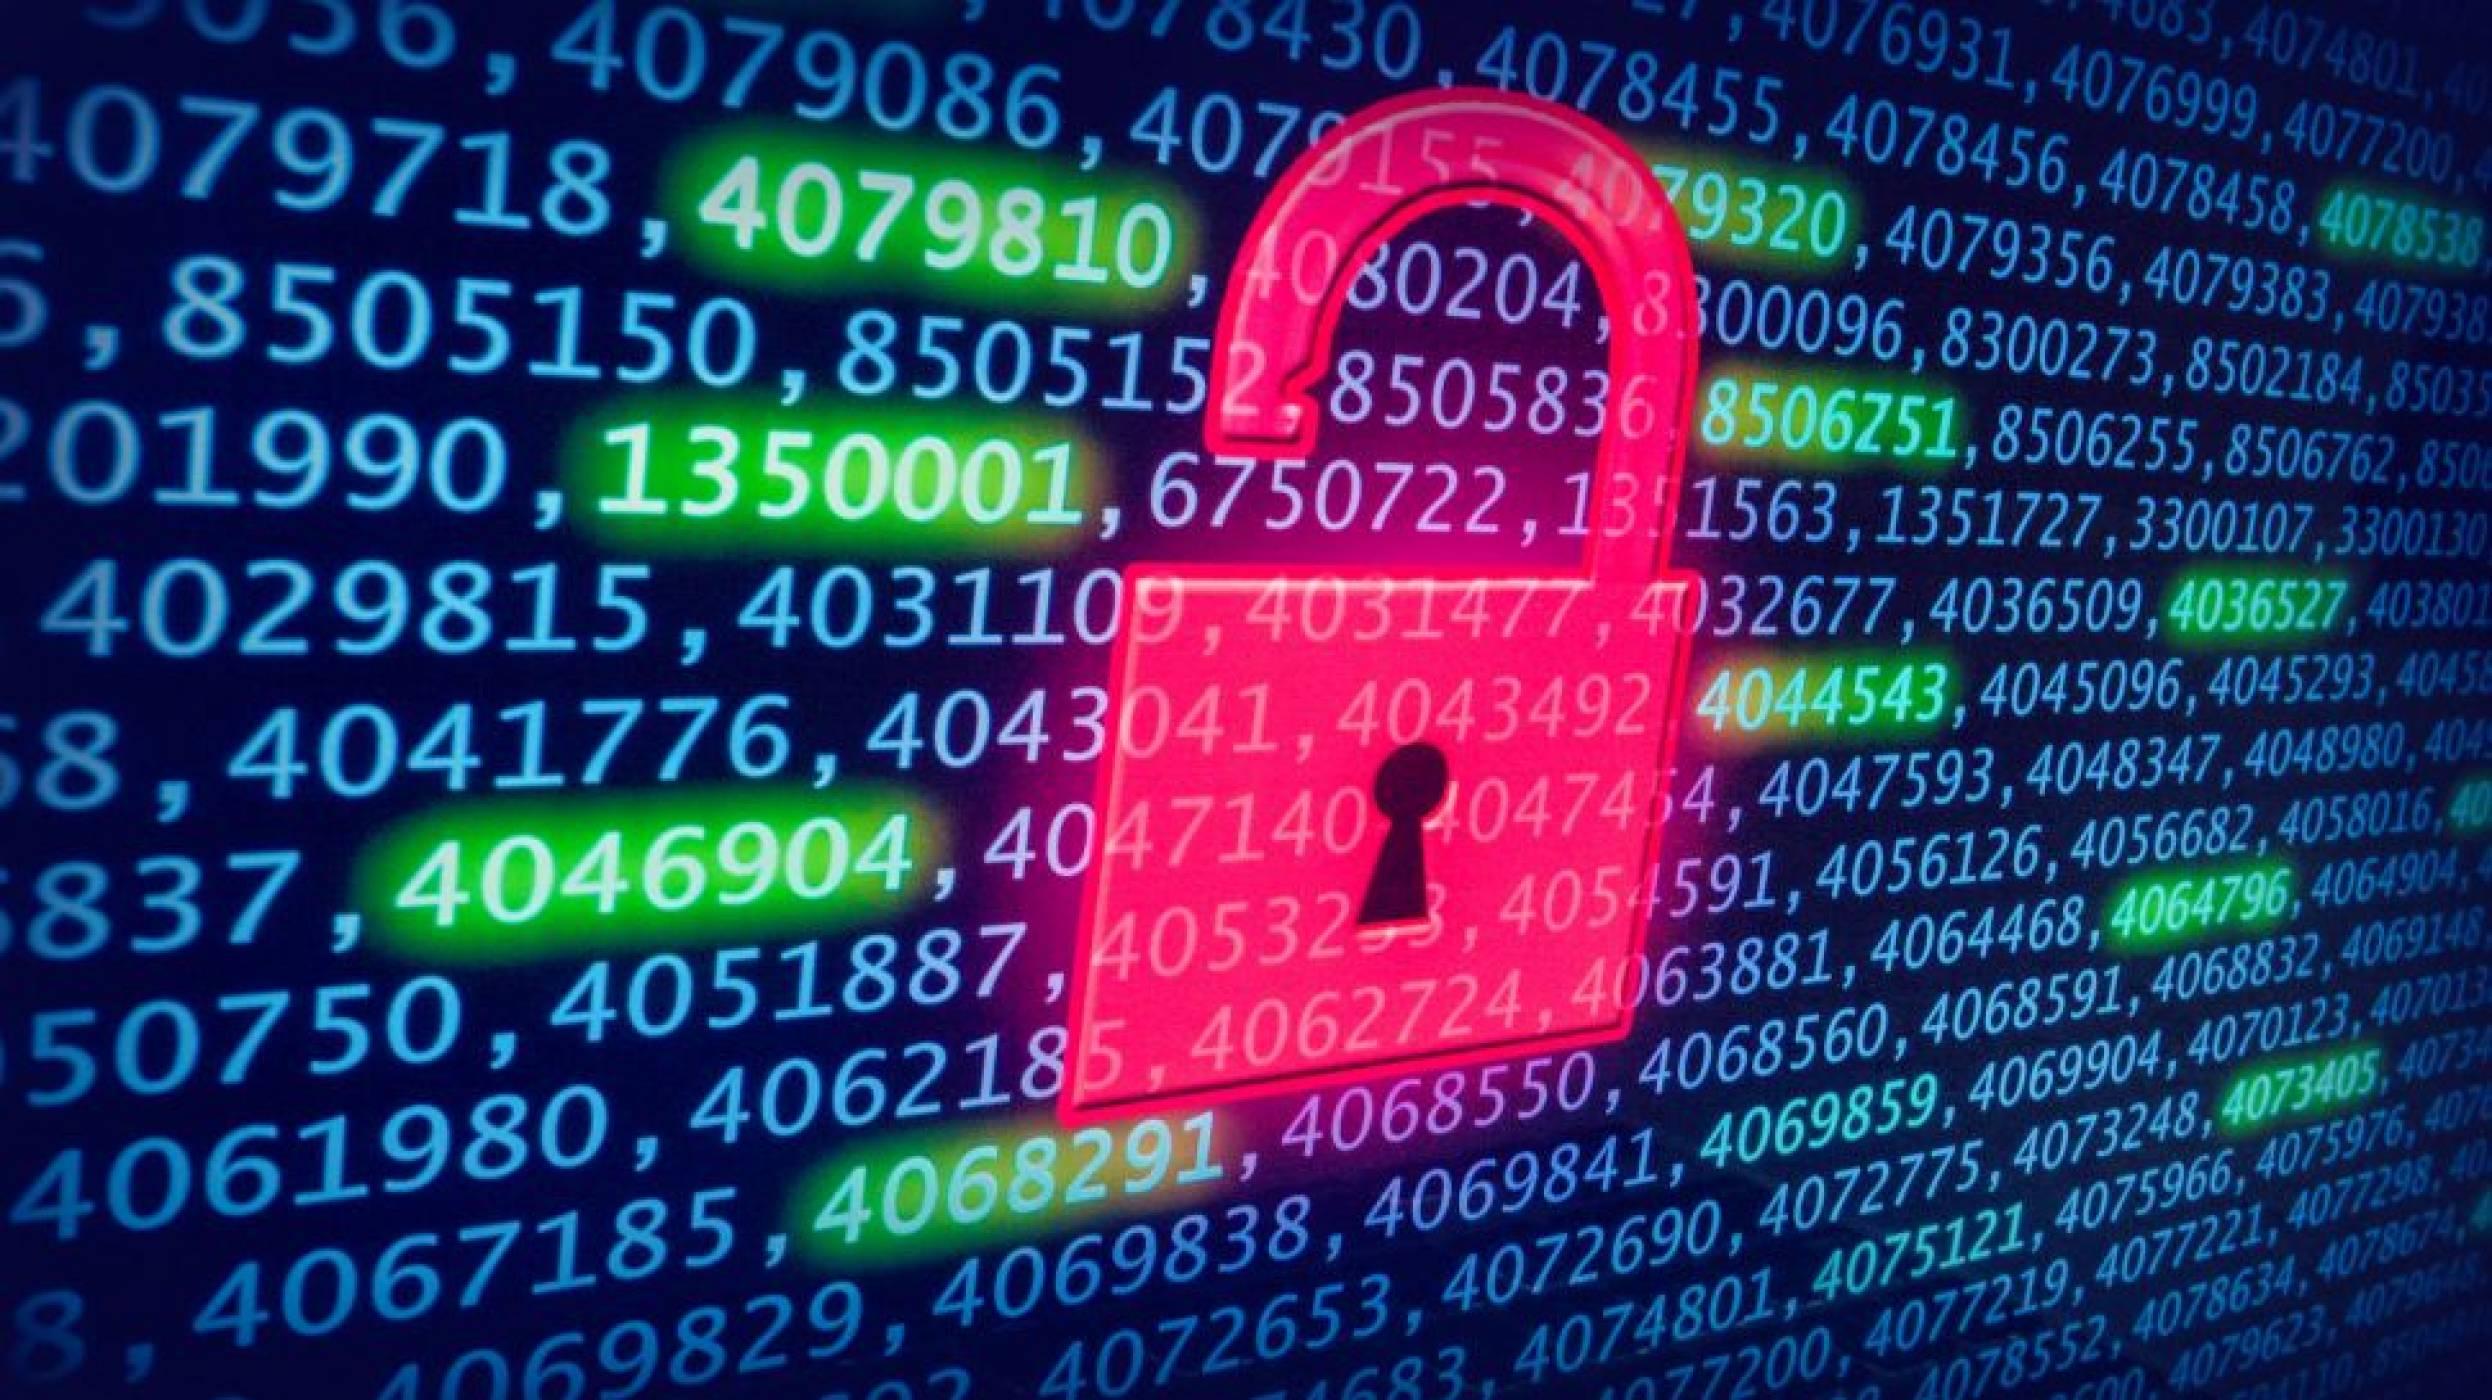 Data Breach, ora anche la polizia acquista i dati rubati dagli hacker